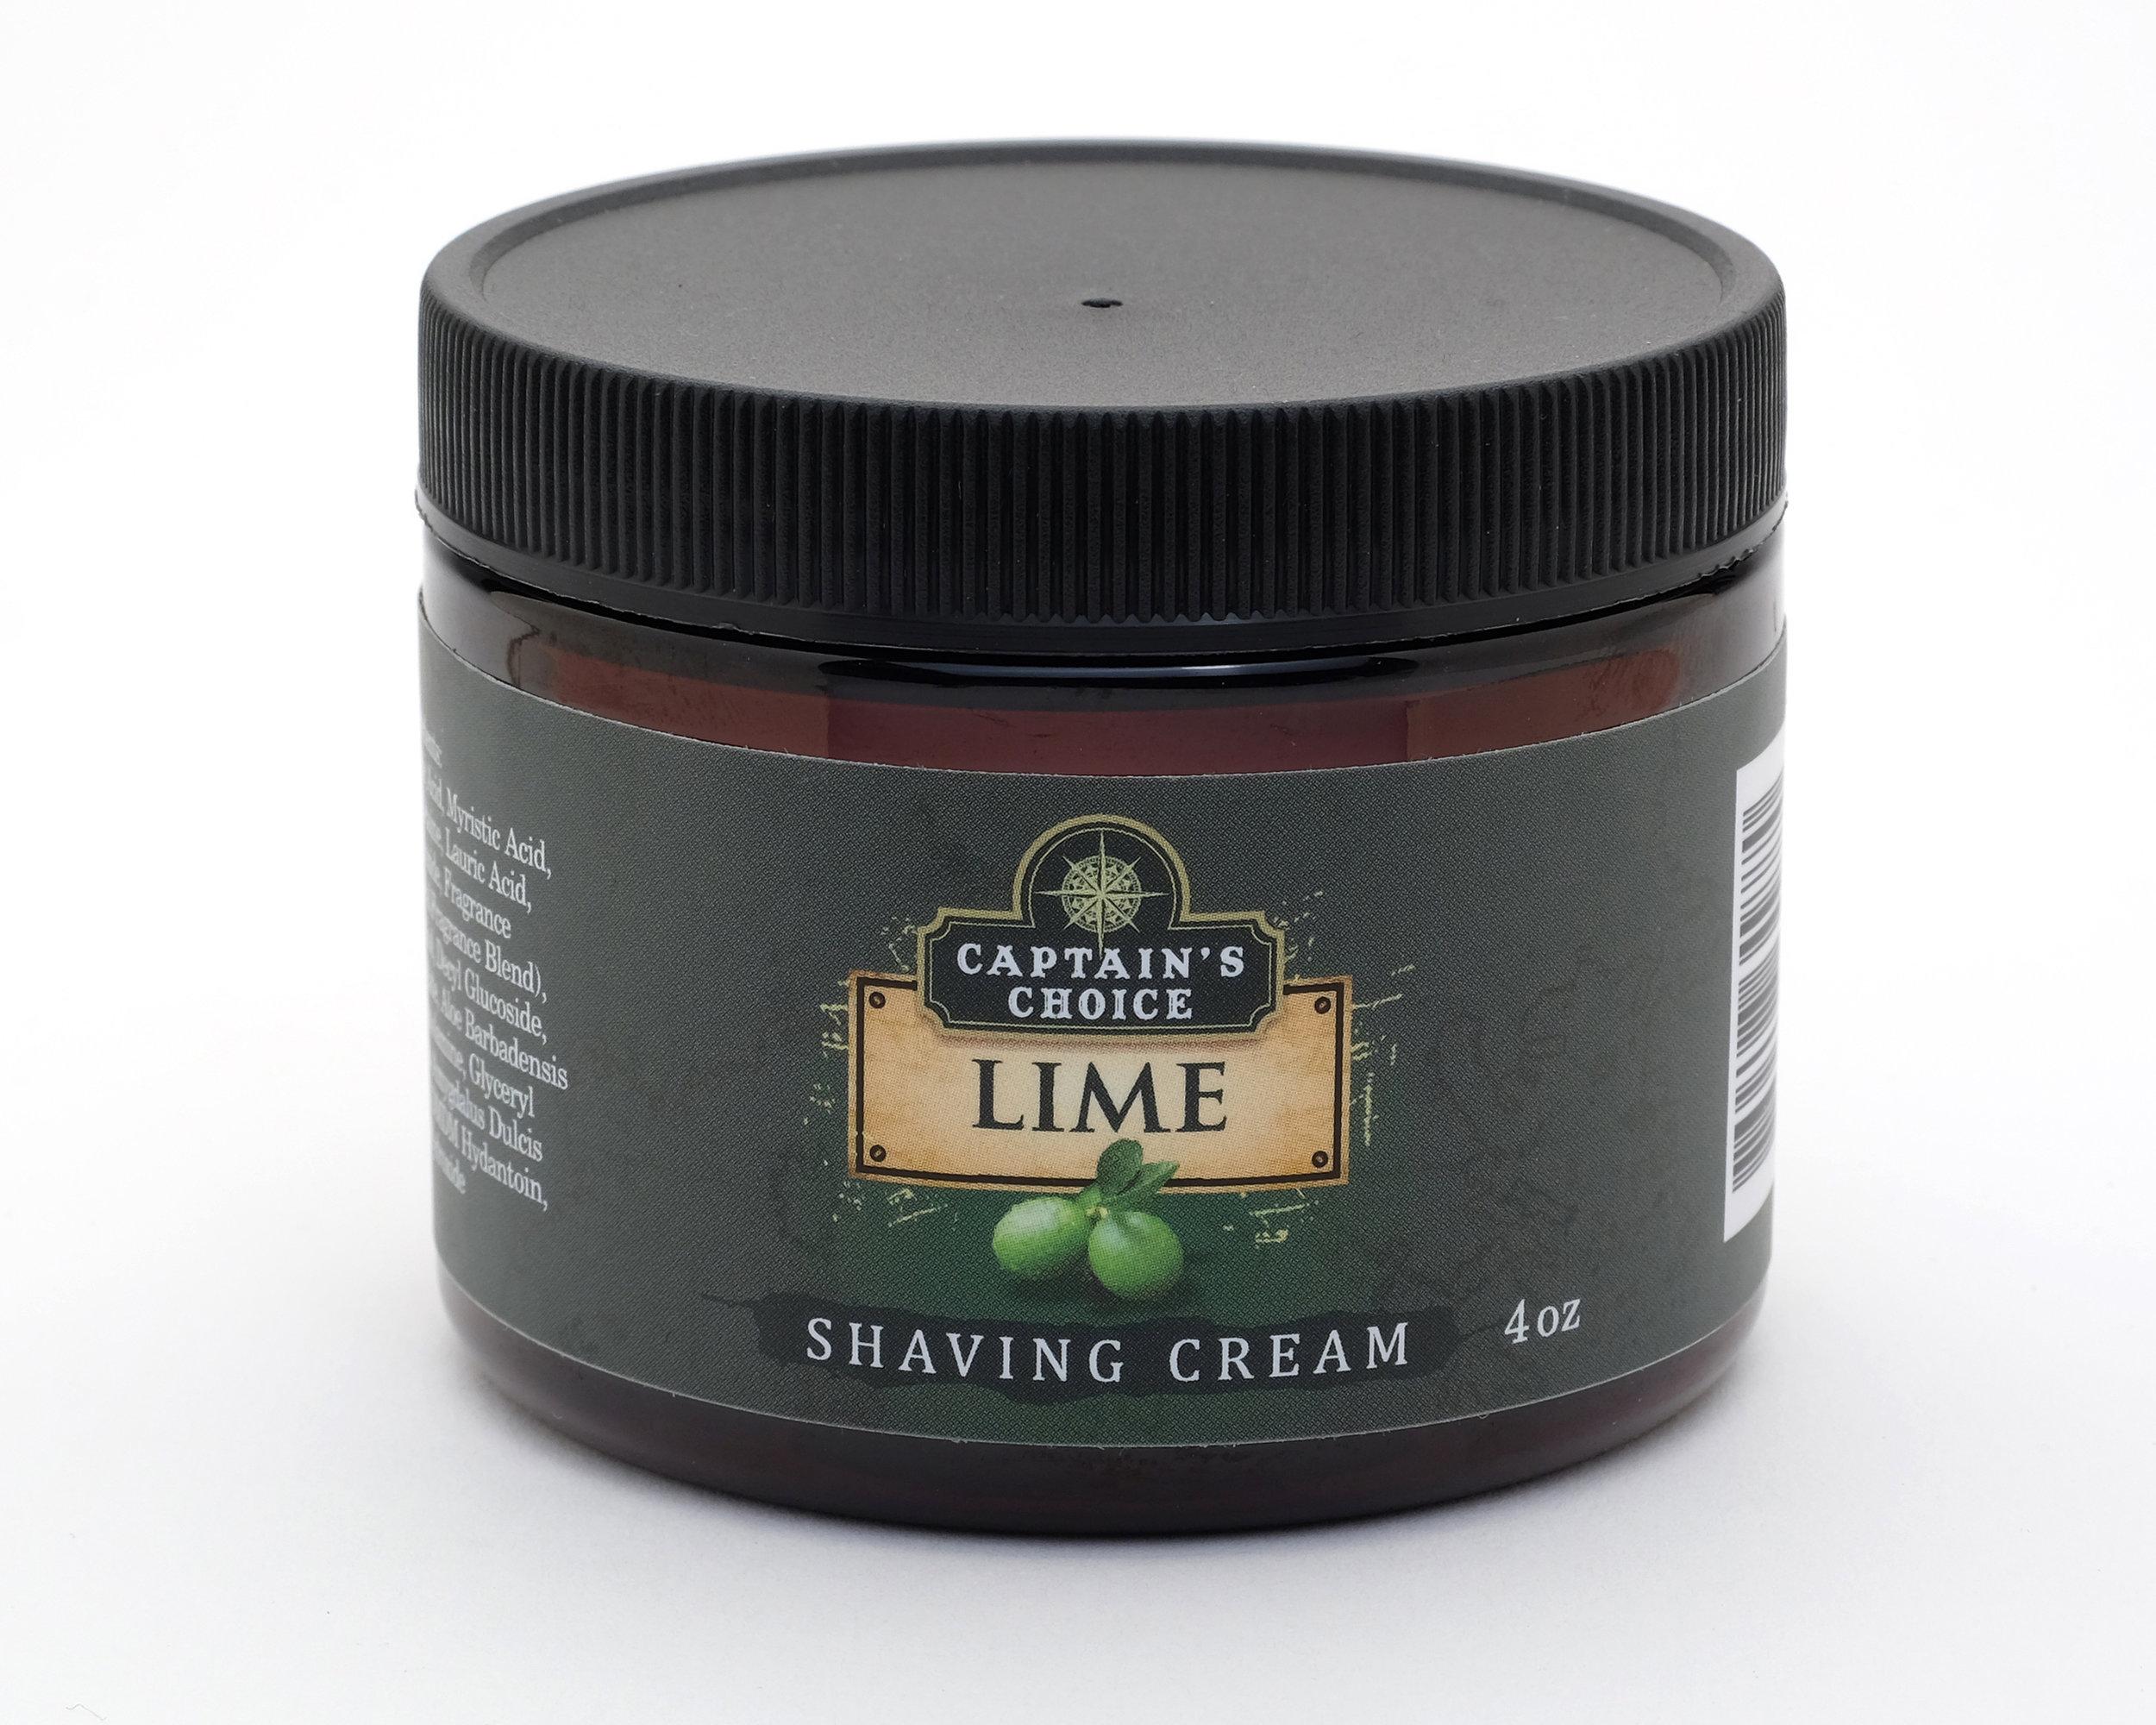 Lime Shaving Cream